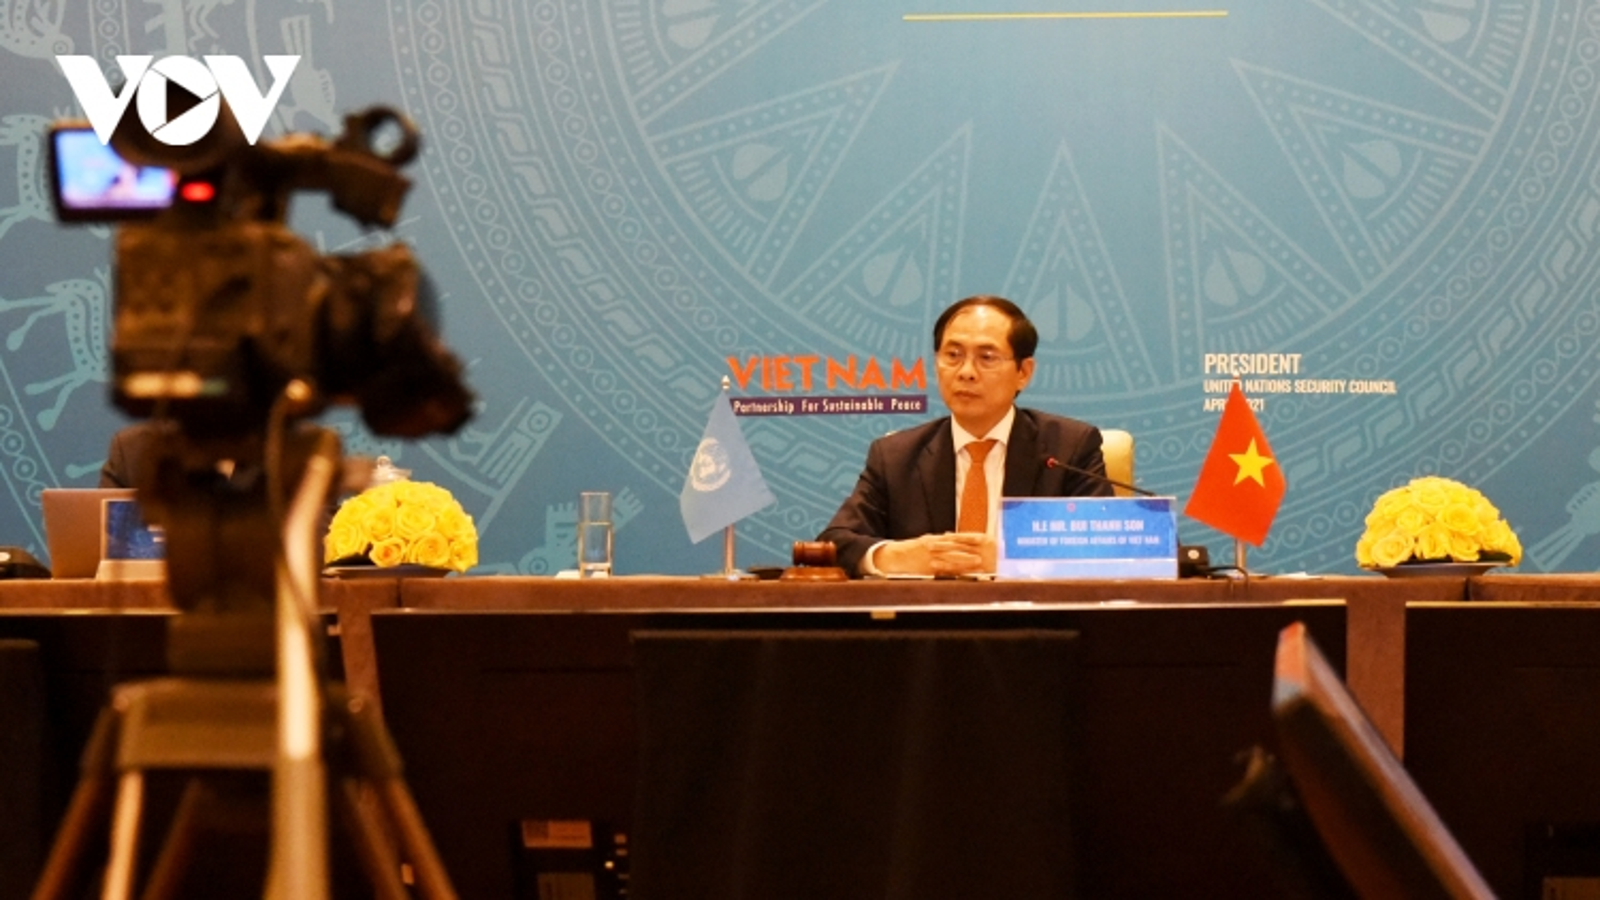 Bộ trưởng Bùi Thanh Sơn: Hòa bình chỉ bền vững khi hậu quả chiến tranh được giải quyết